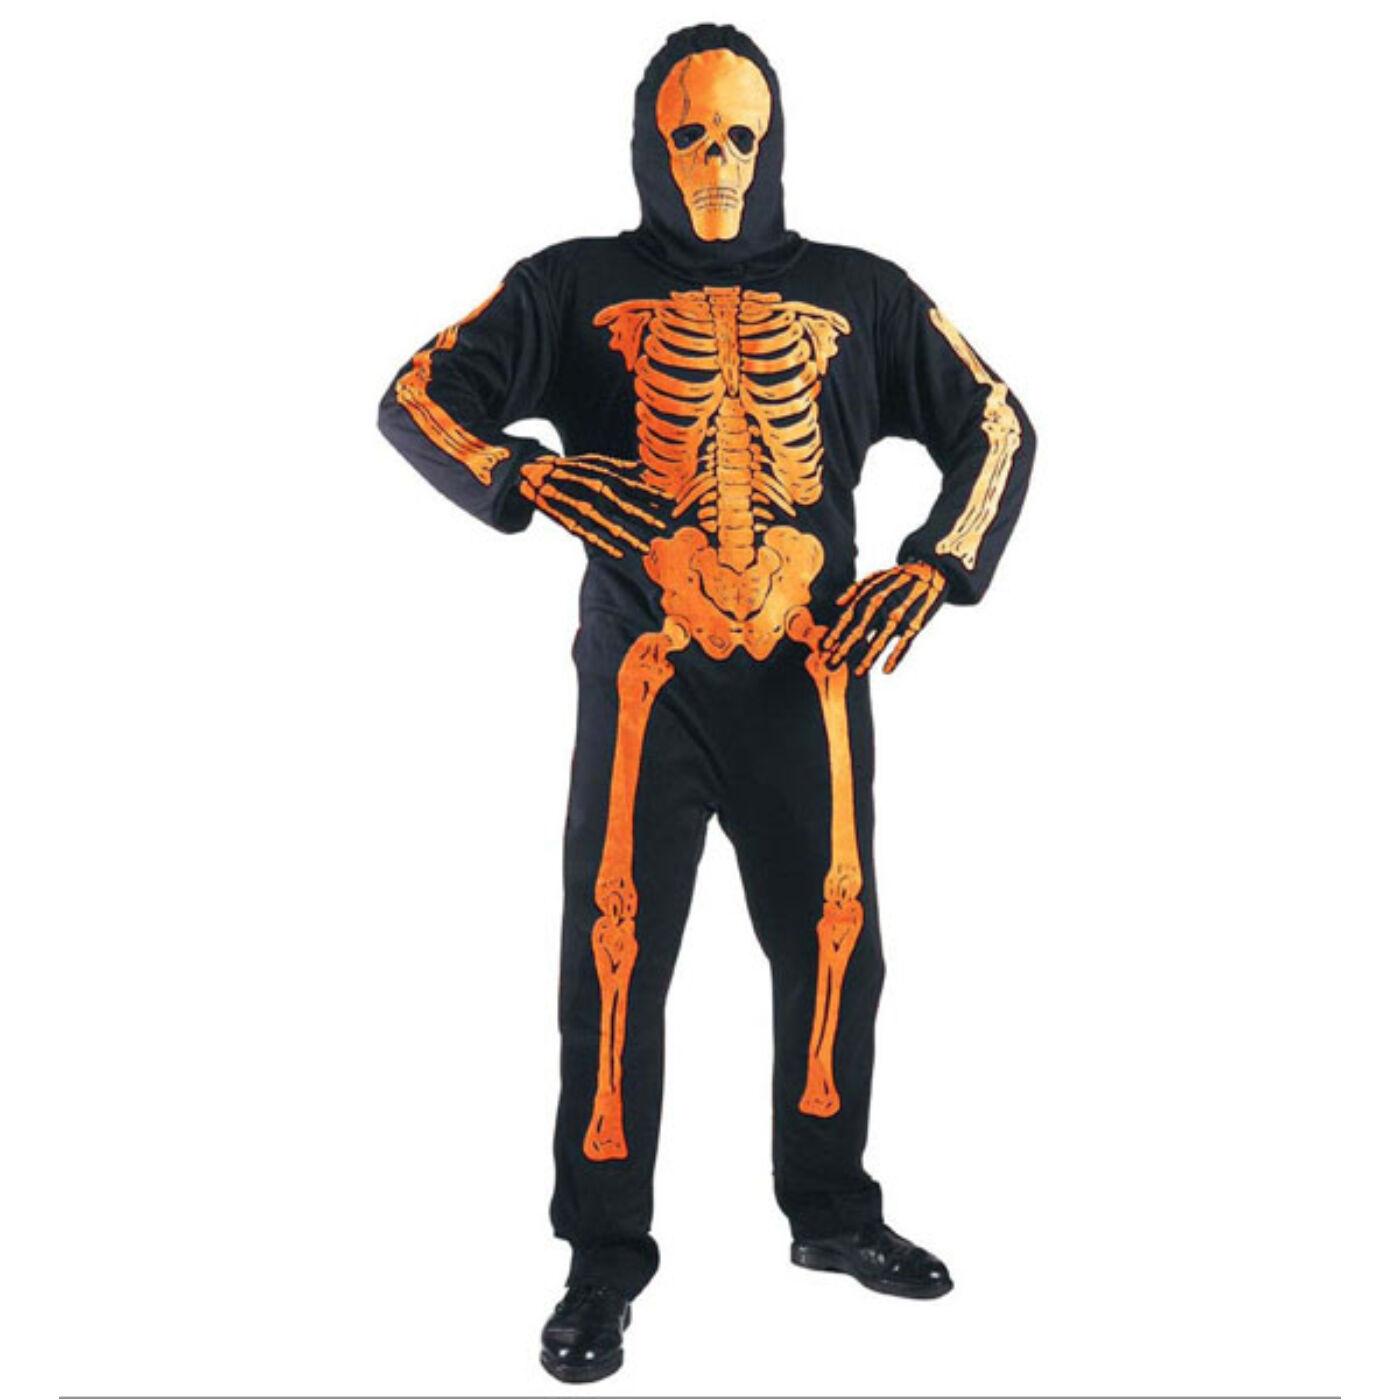 Neon csontváz jelmez 128-as